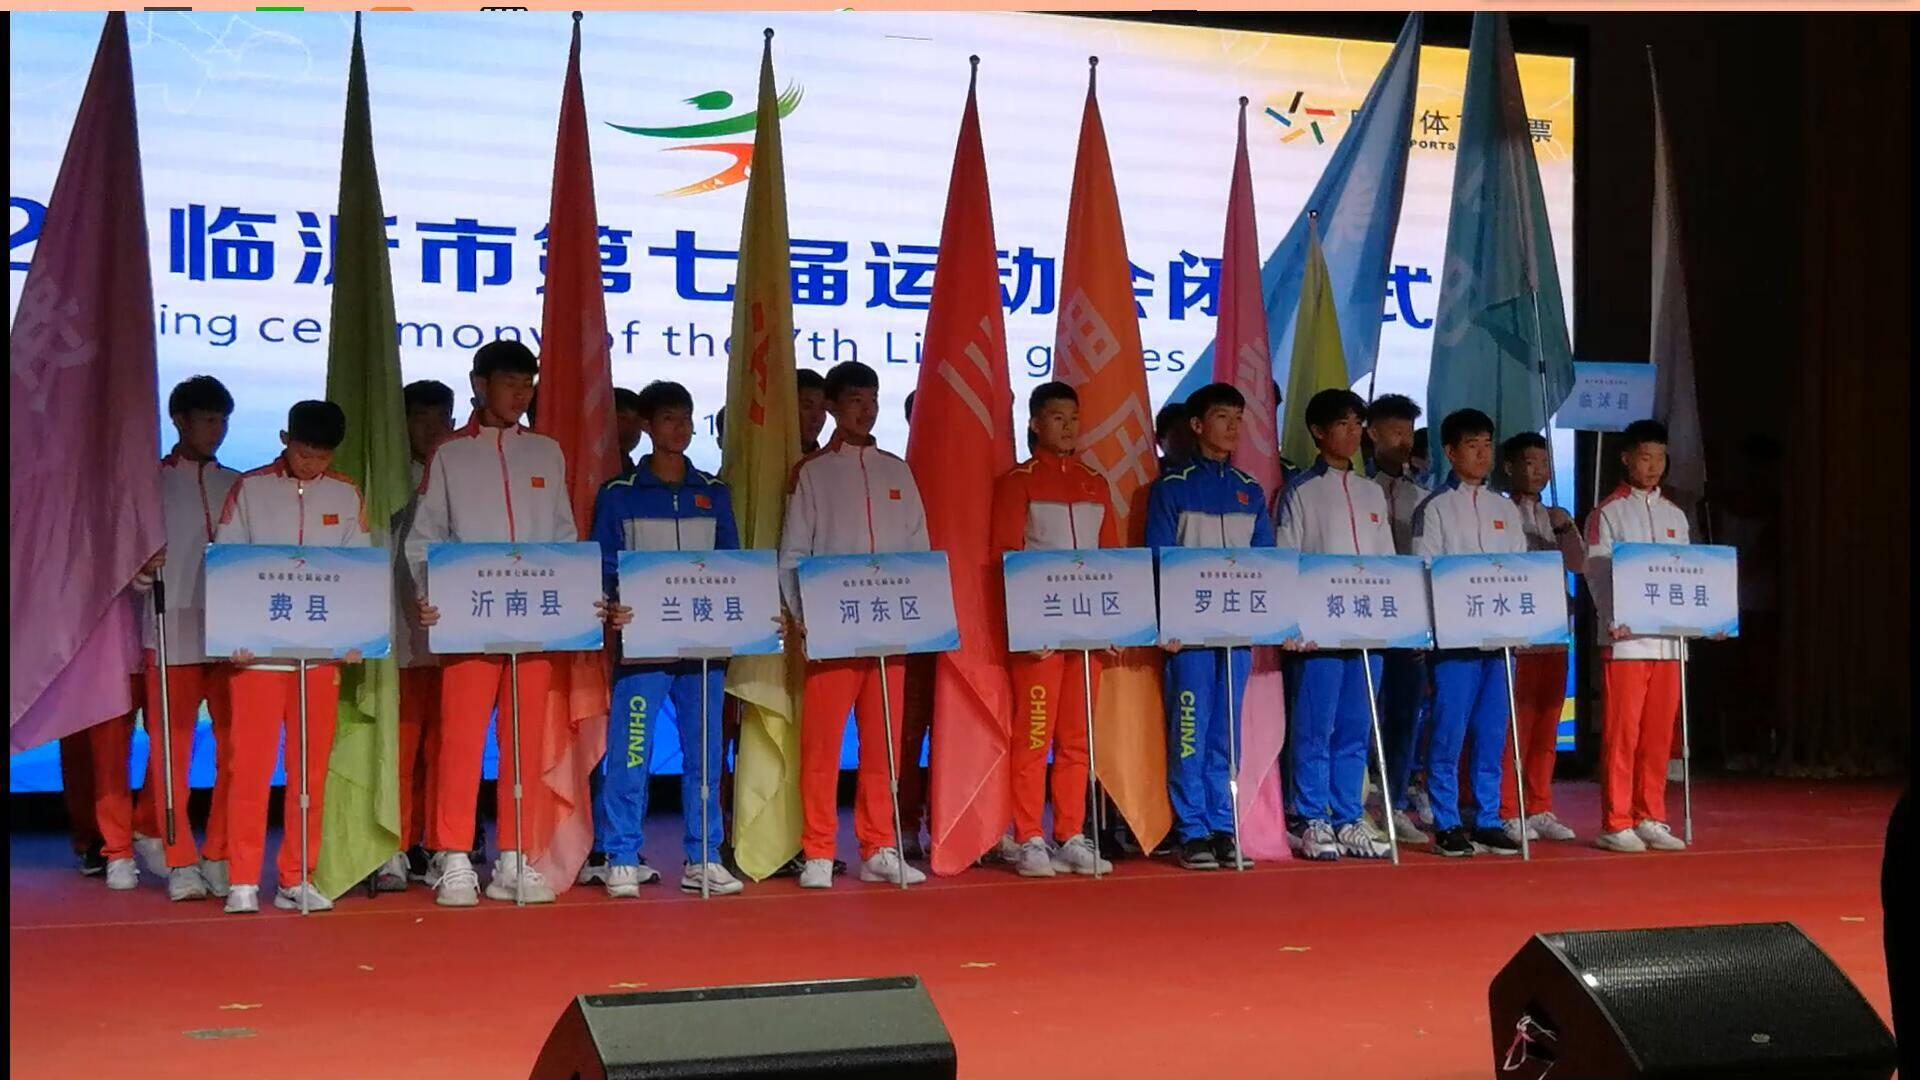 运动成绩和精神文明双丰收!临沂市第七届运动会闭幕